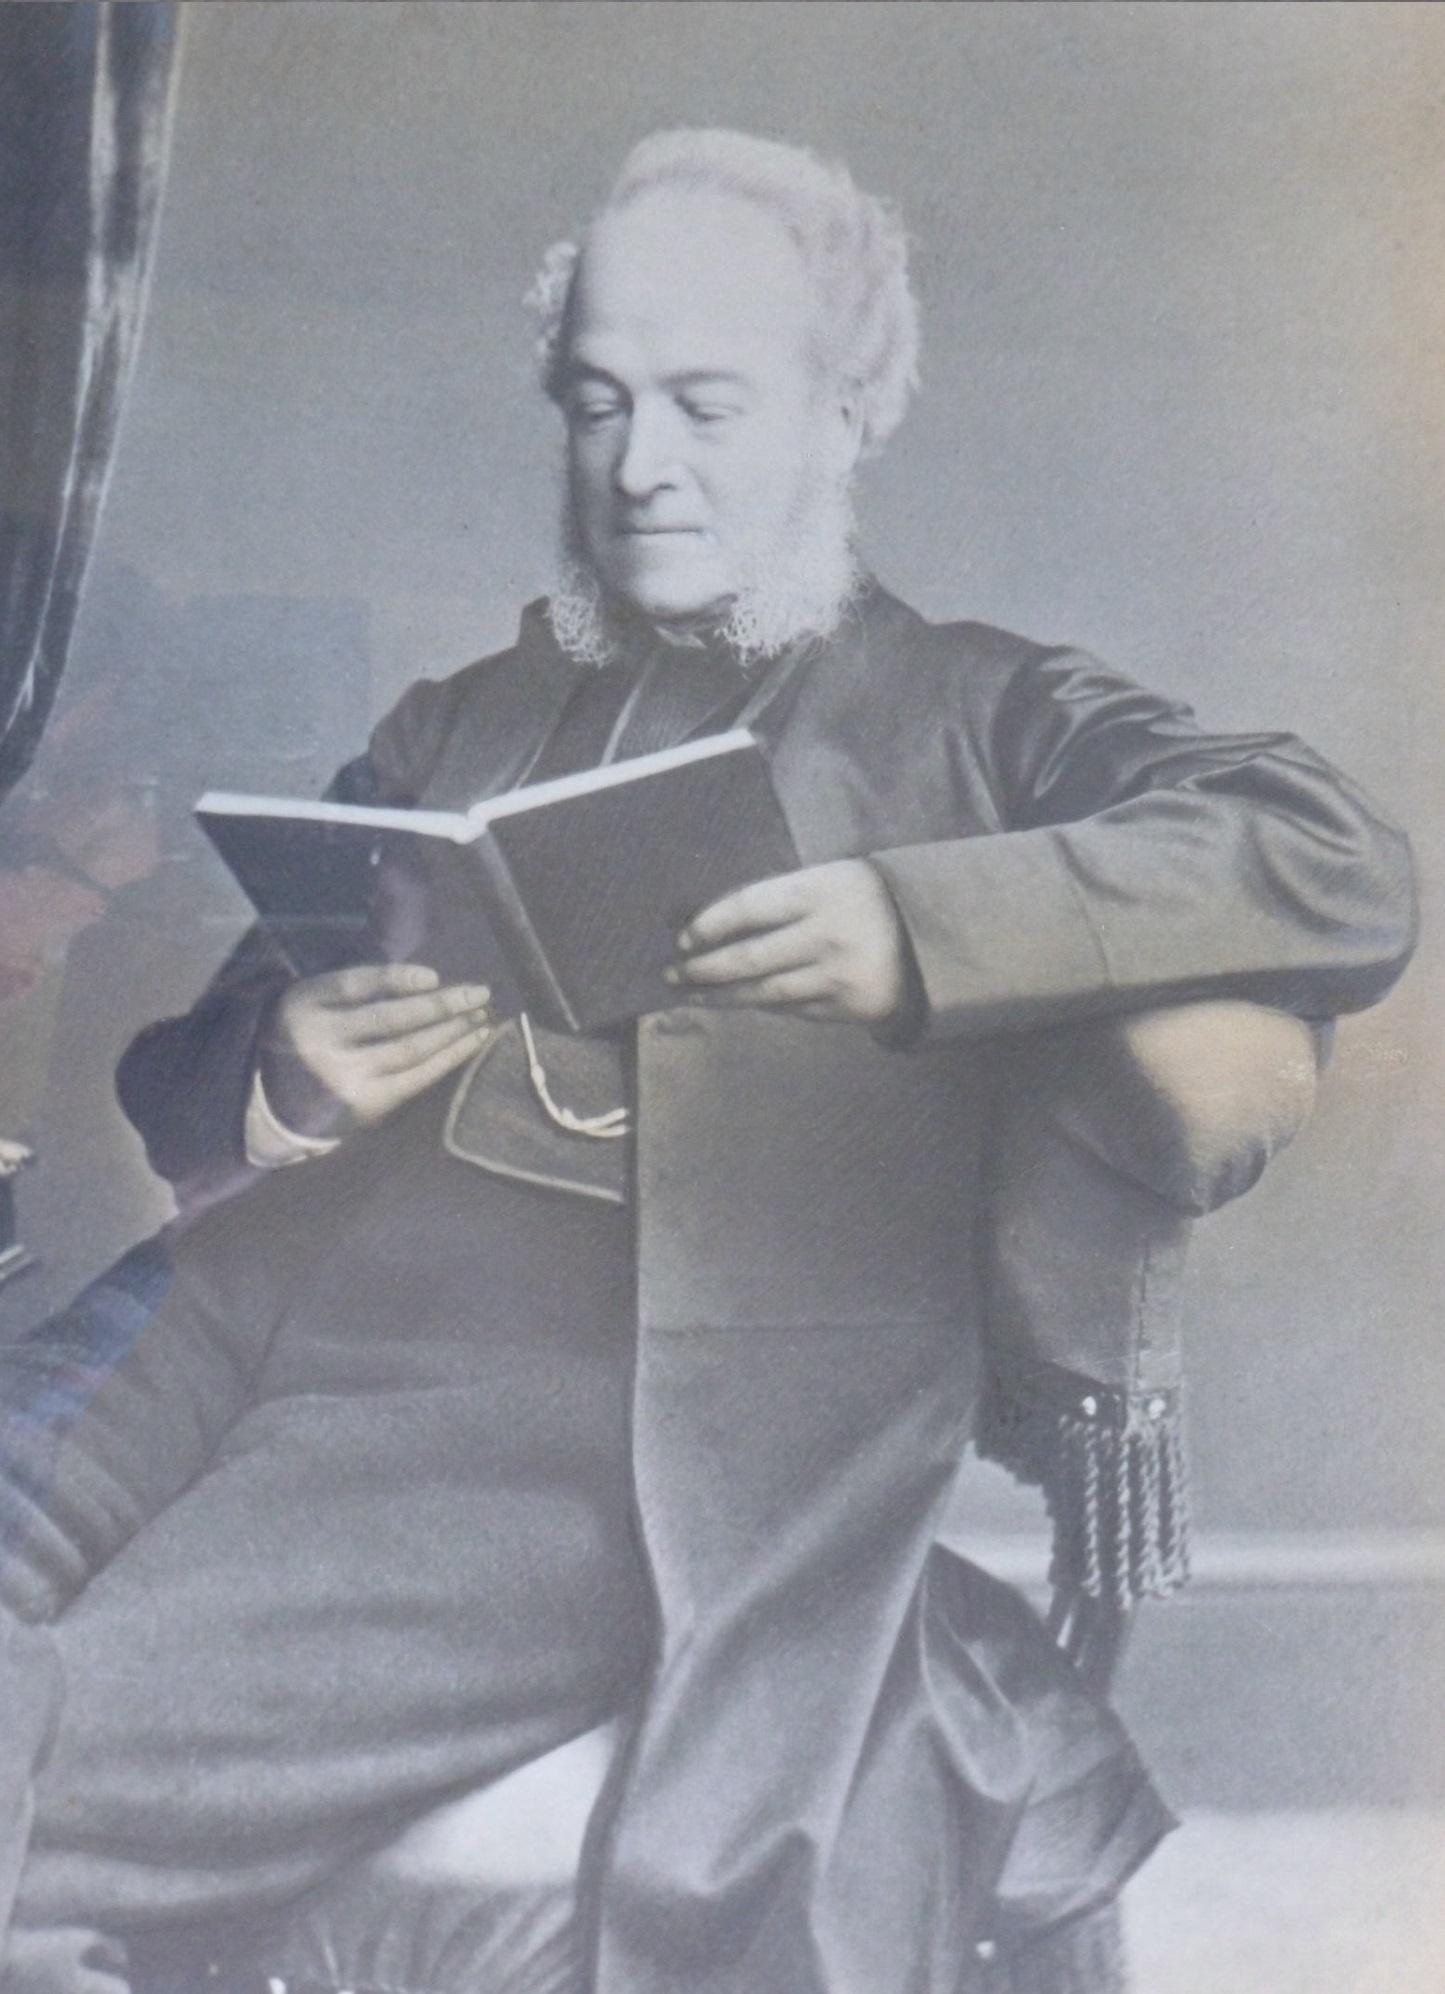 Image of John Oldham